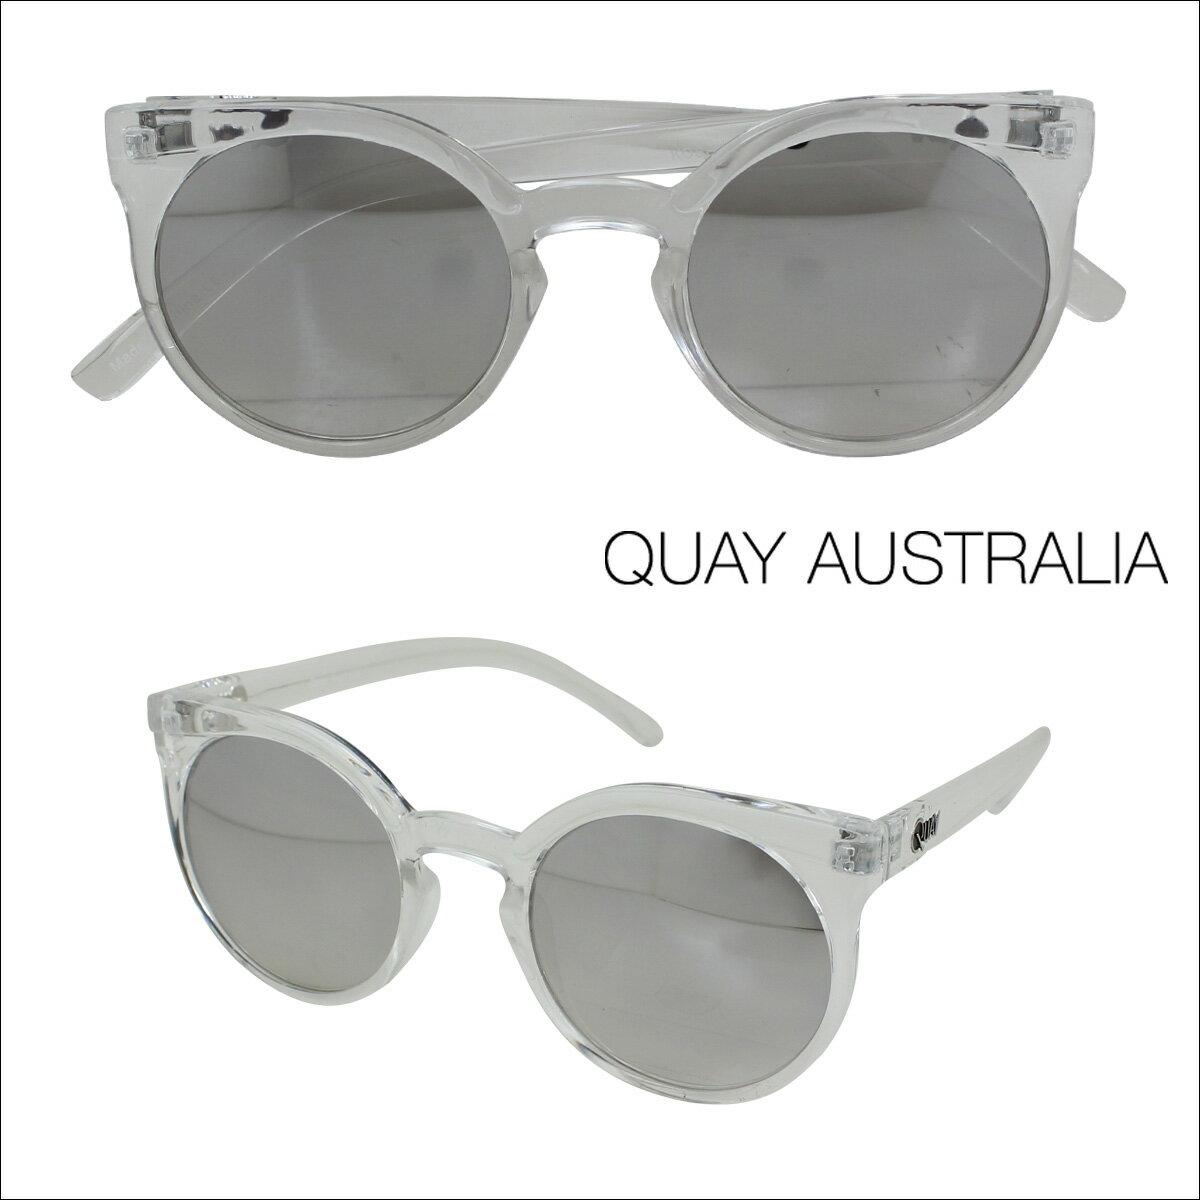 【訳あり】 キーアイ オーストラリア QUAY AUSTRALIA サングラス クリア×シルバー レディース 【返品不可】